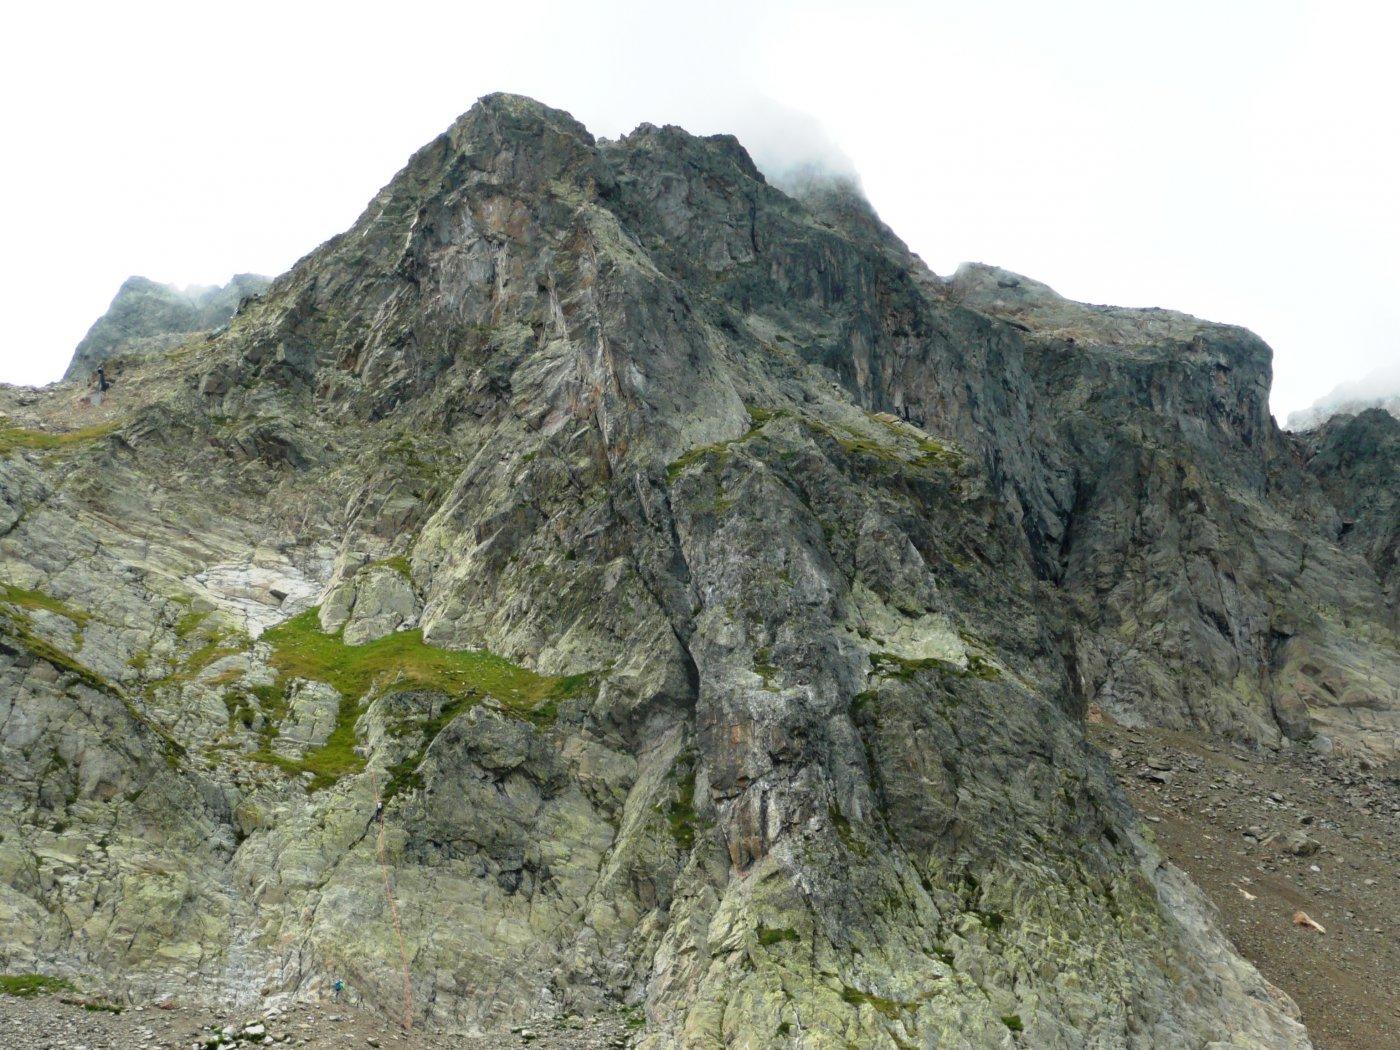 la parete di arrampicata, sulla sinistra il versante di rientro, si intravede la linea di calata